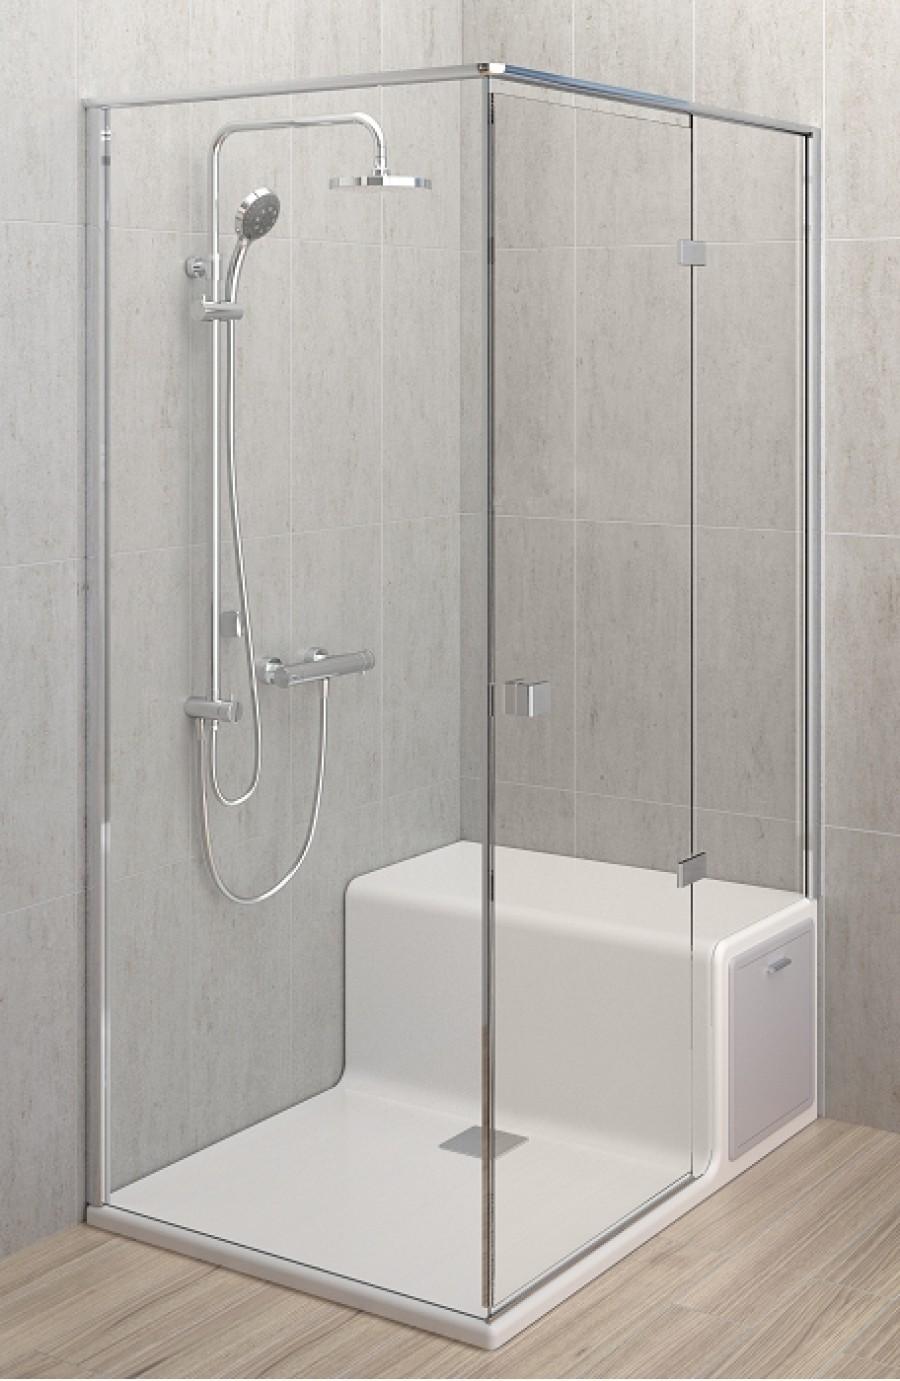 unit de douche roomy si ge droite de vitra 80 x 120 meuble de salle de bain. Black Bedroom Furniture Sets. Home Design Ideas